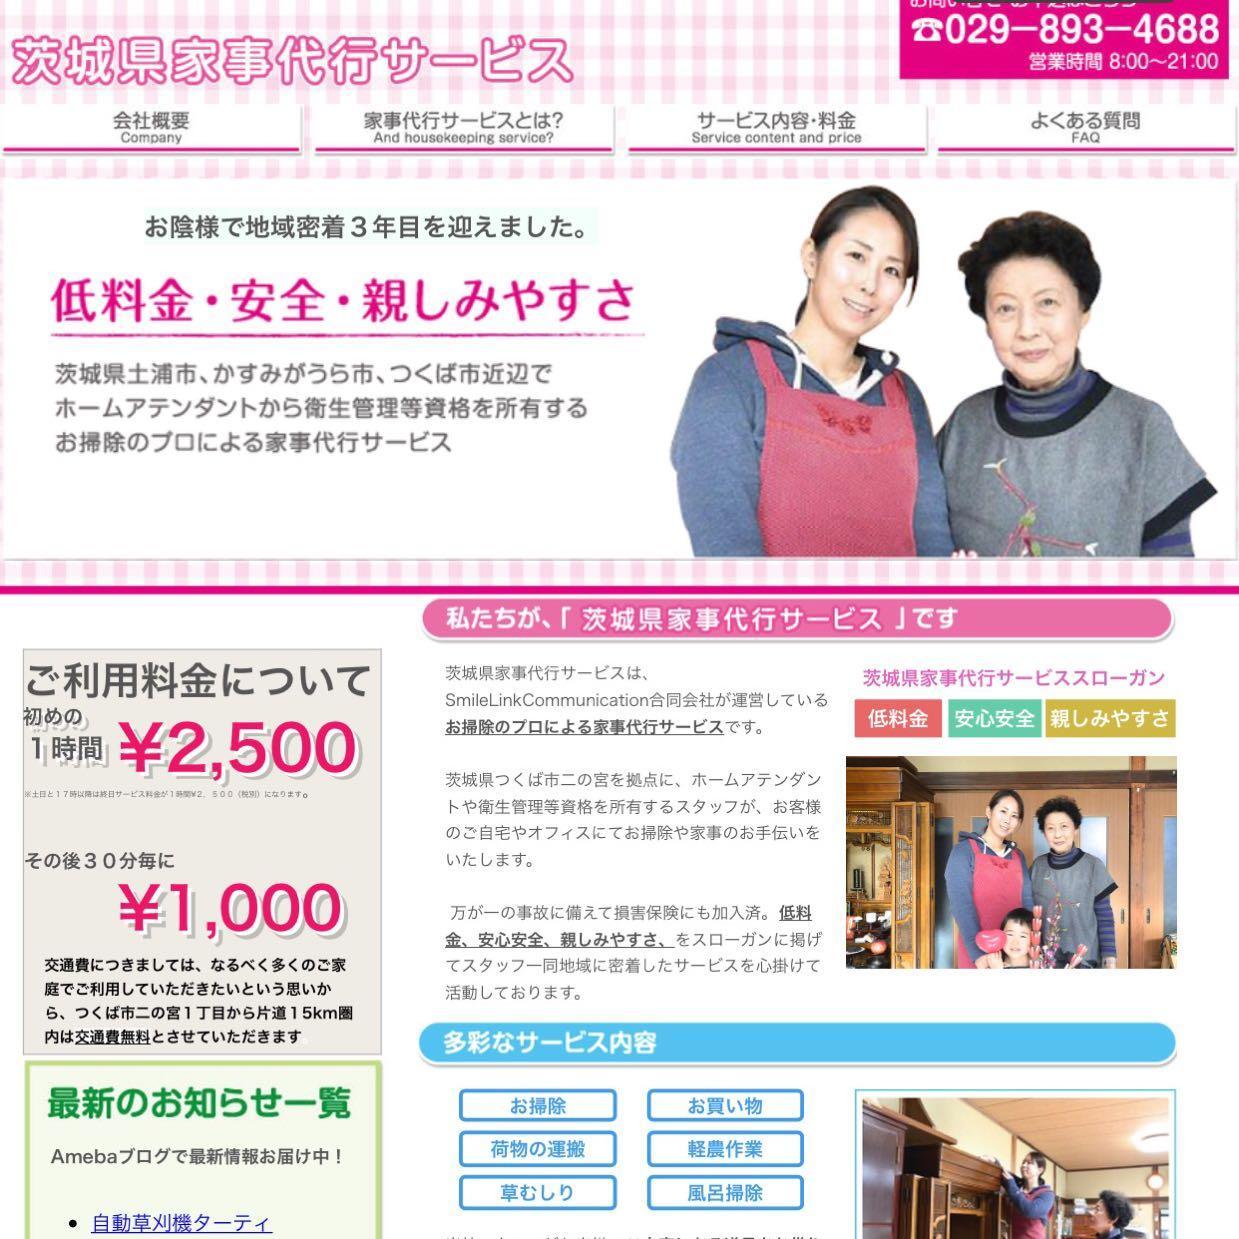 茨城県家事代行サービス(つくば市、土浦市)